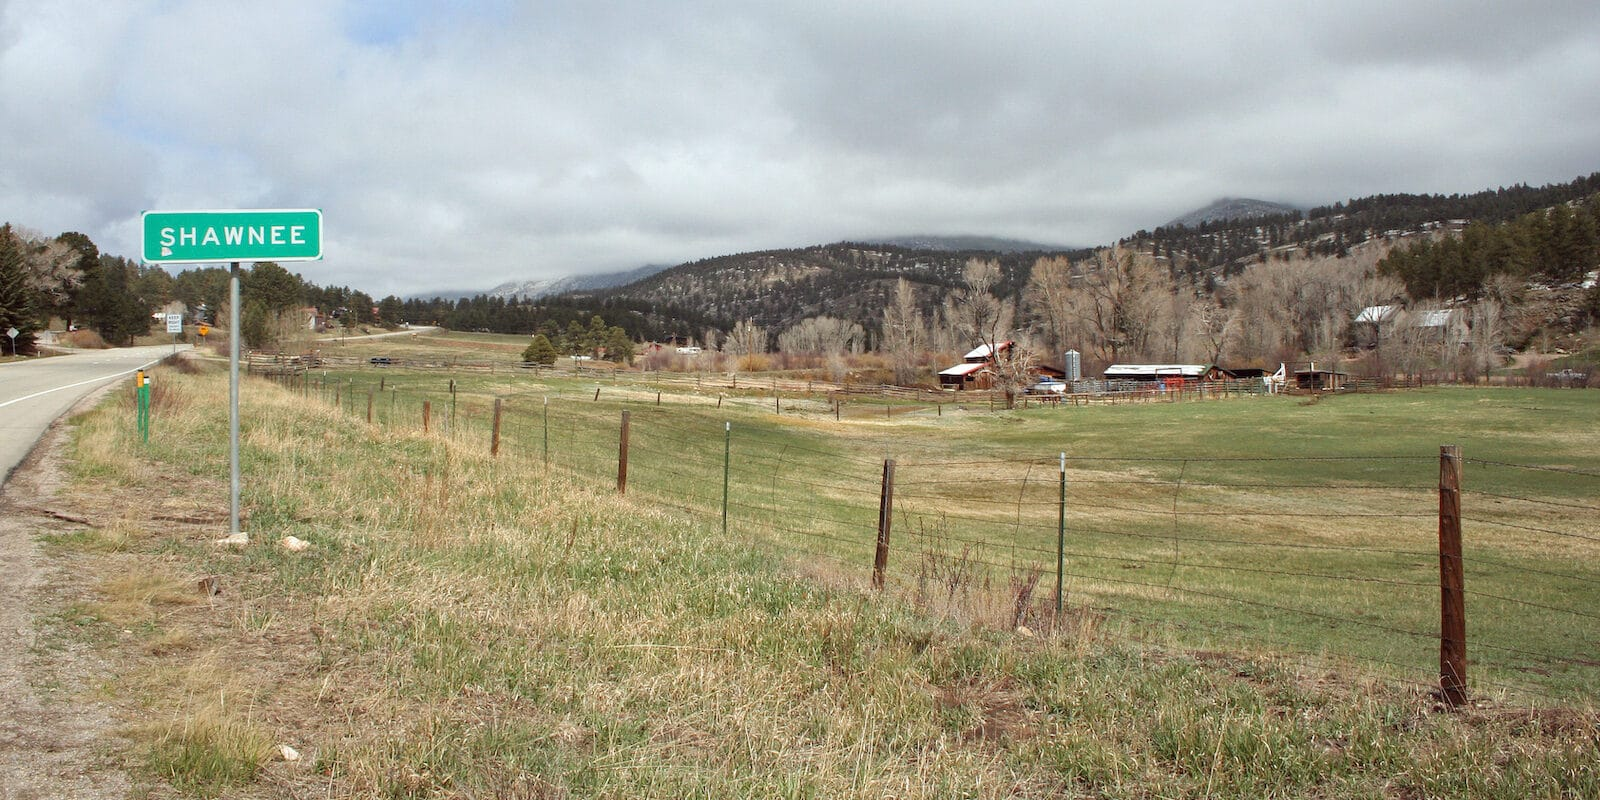 Shawnee Colorado Highway 285